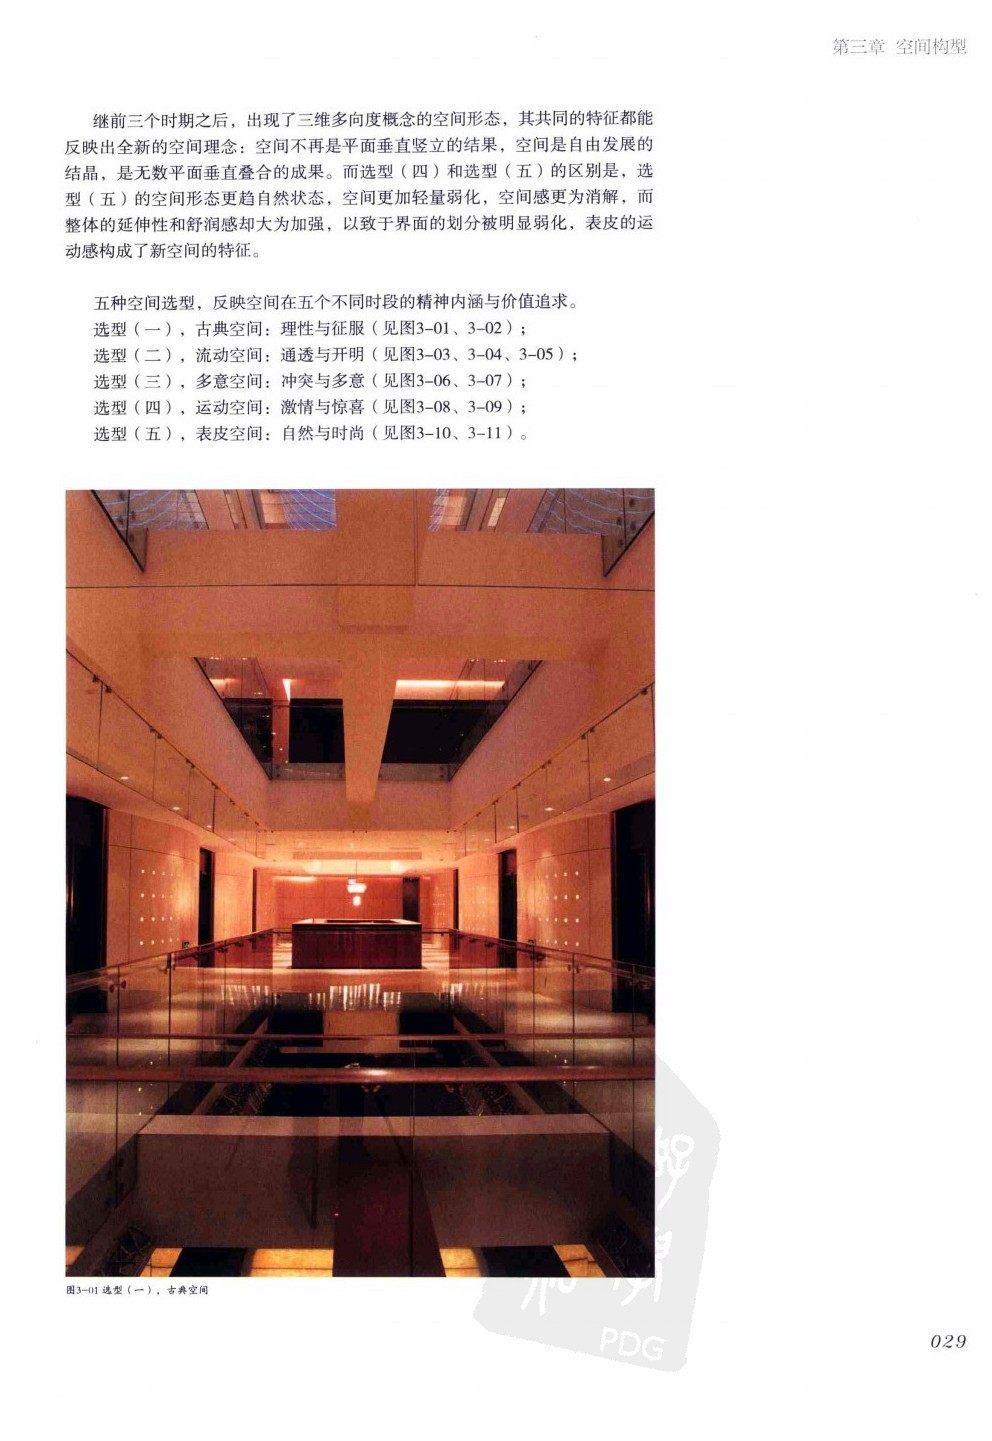 室内设计纲要++概念思考与过程表达_室内设计纲要  概念思考与过程表达_1297982..._页面_037.jpg